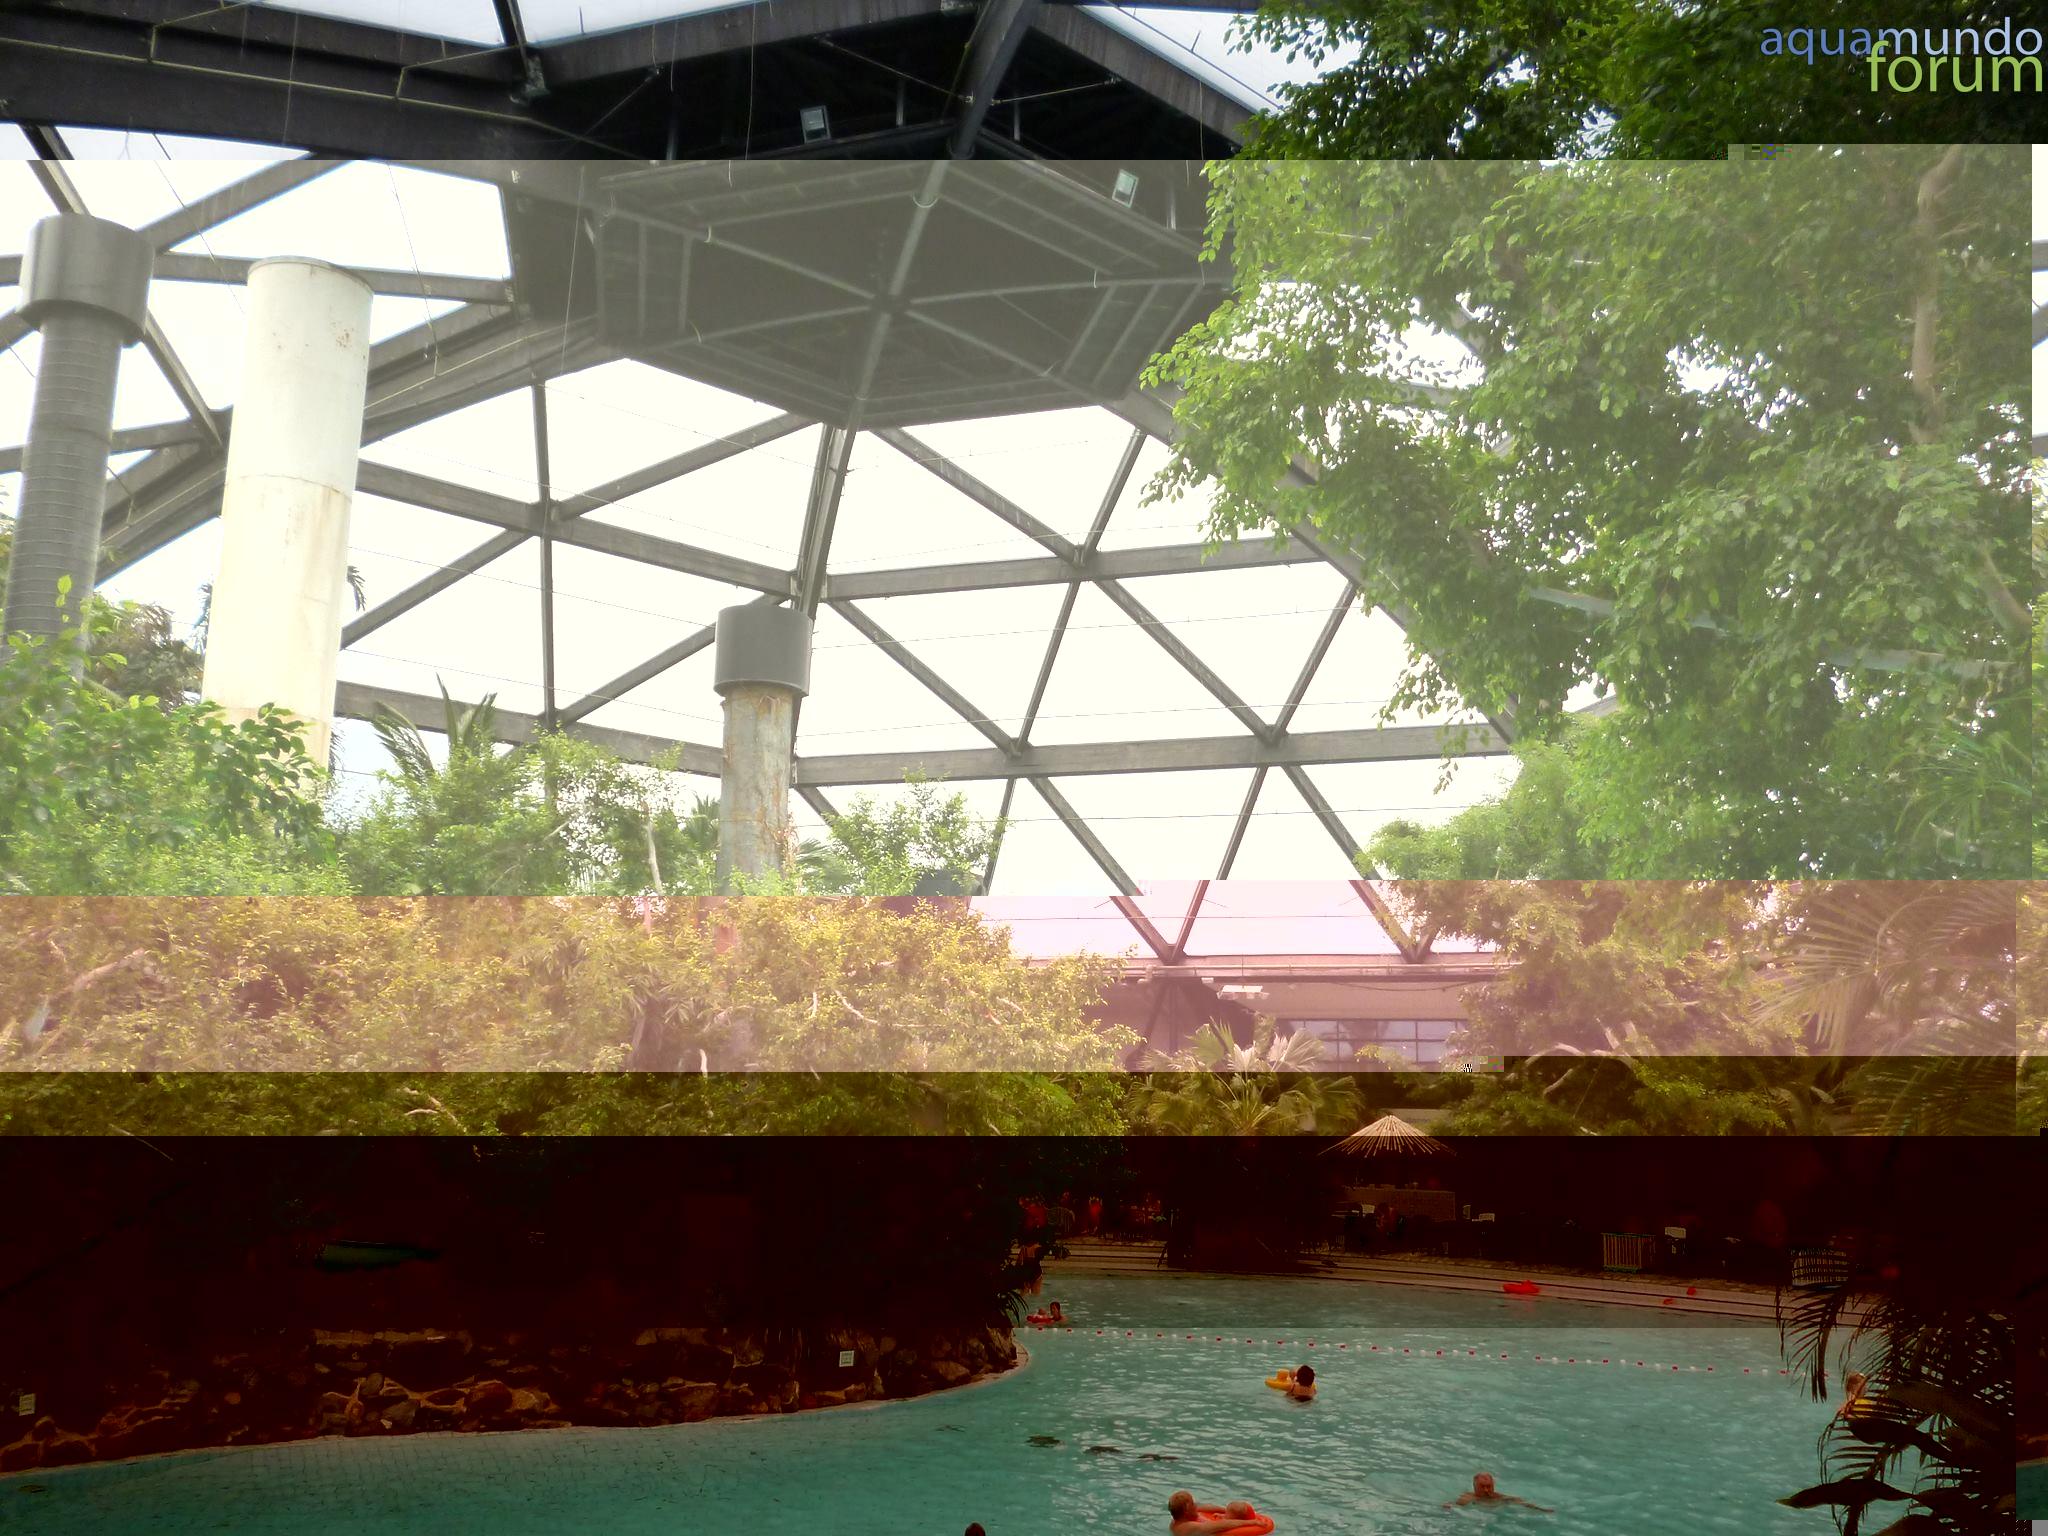 Vernieuwing Koepel Center Parcs Het Heijderbos oude situatie.jpg